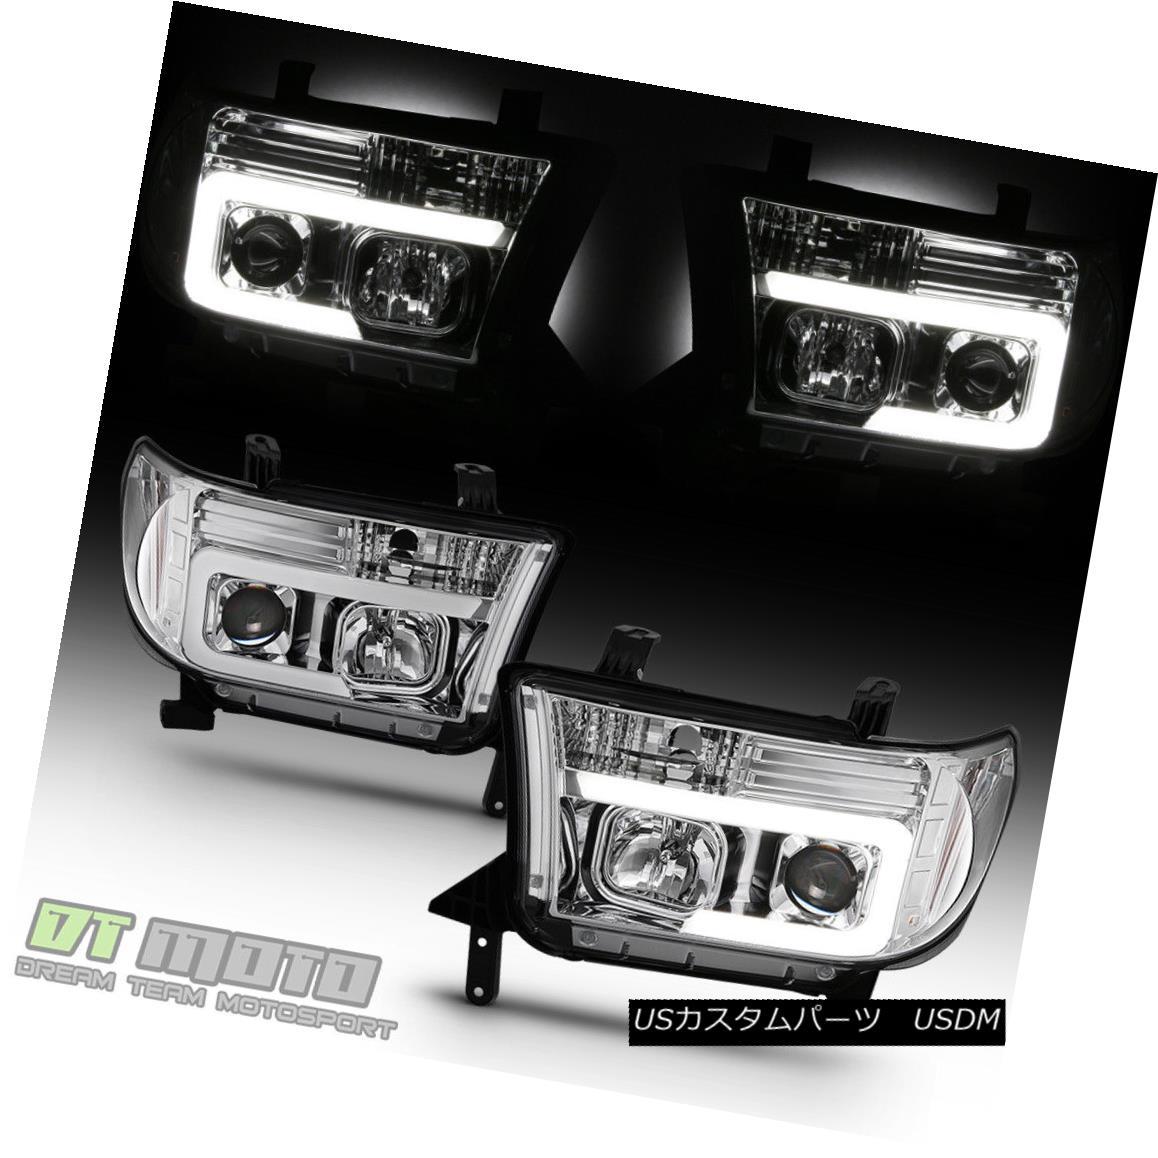 ヘッドライト 2007-2013 Toyota Tundra 08-17 Sequoia LED Optic Light Tube Projector Headlights 2007-2013トヨタ・トンドラ08-17セコイアLEDオプティカル・ライト・チューブ・プロジェクター・ヘッドライト